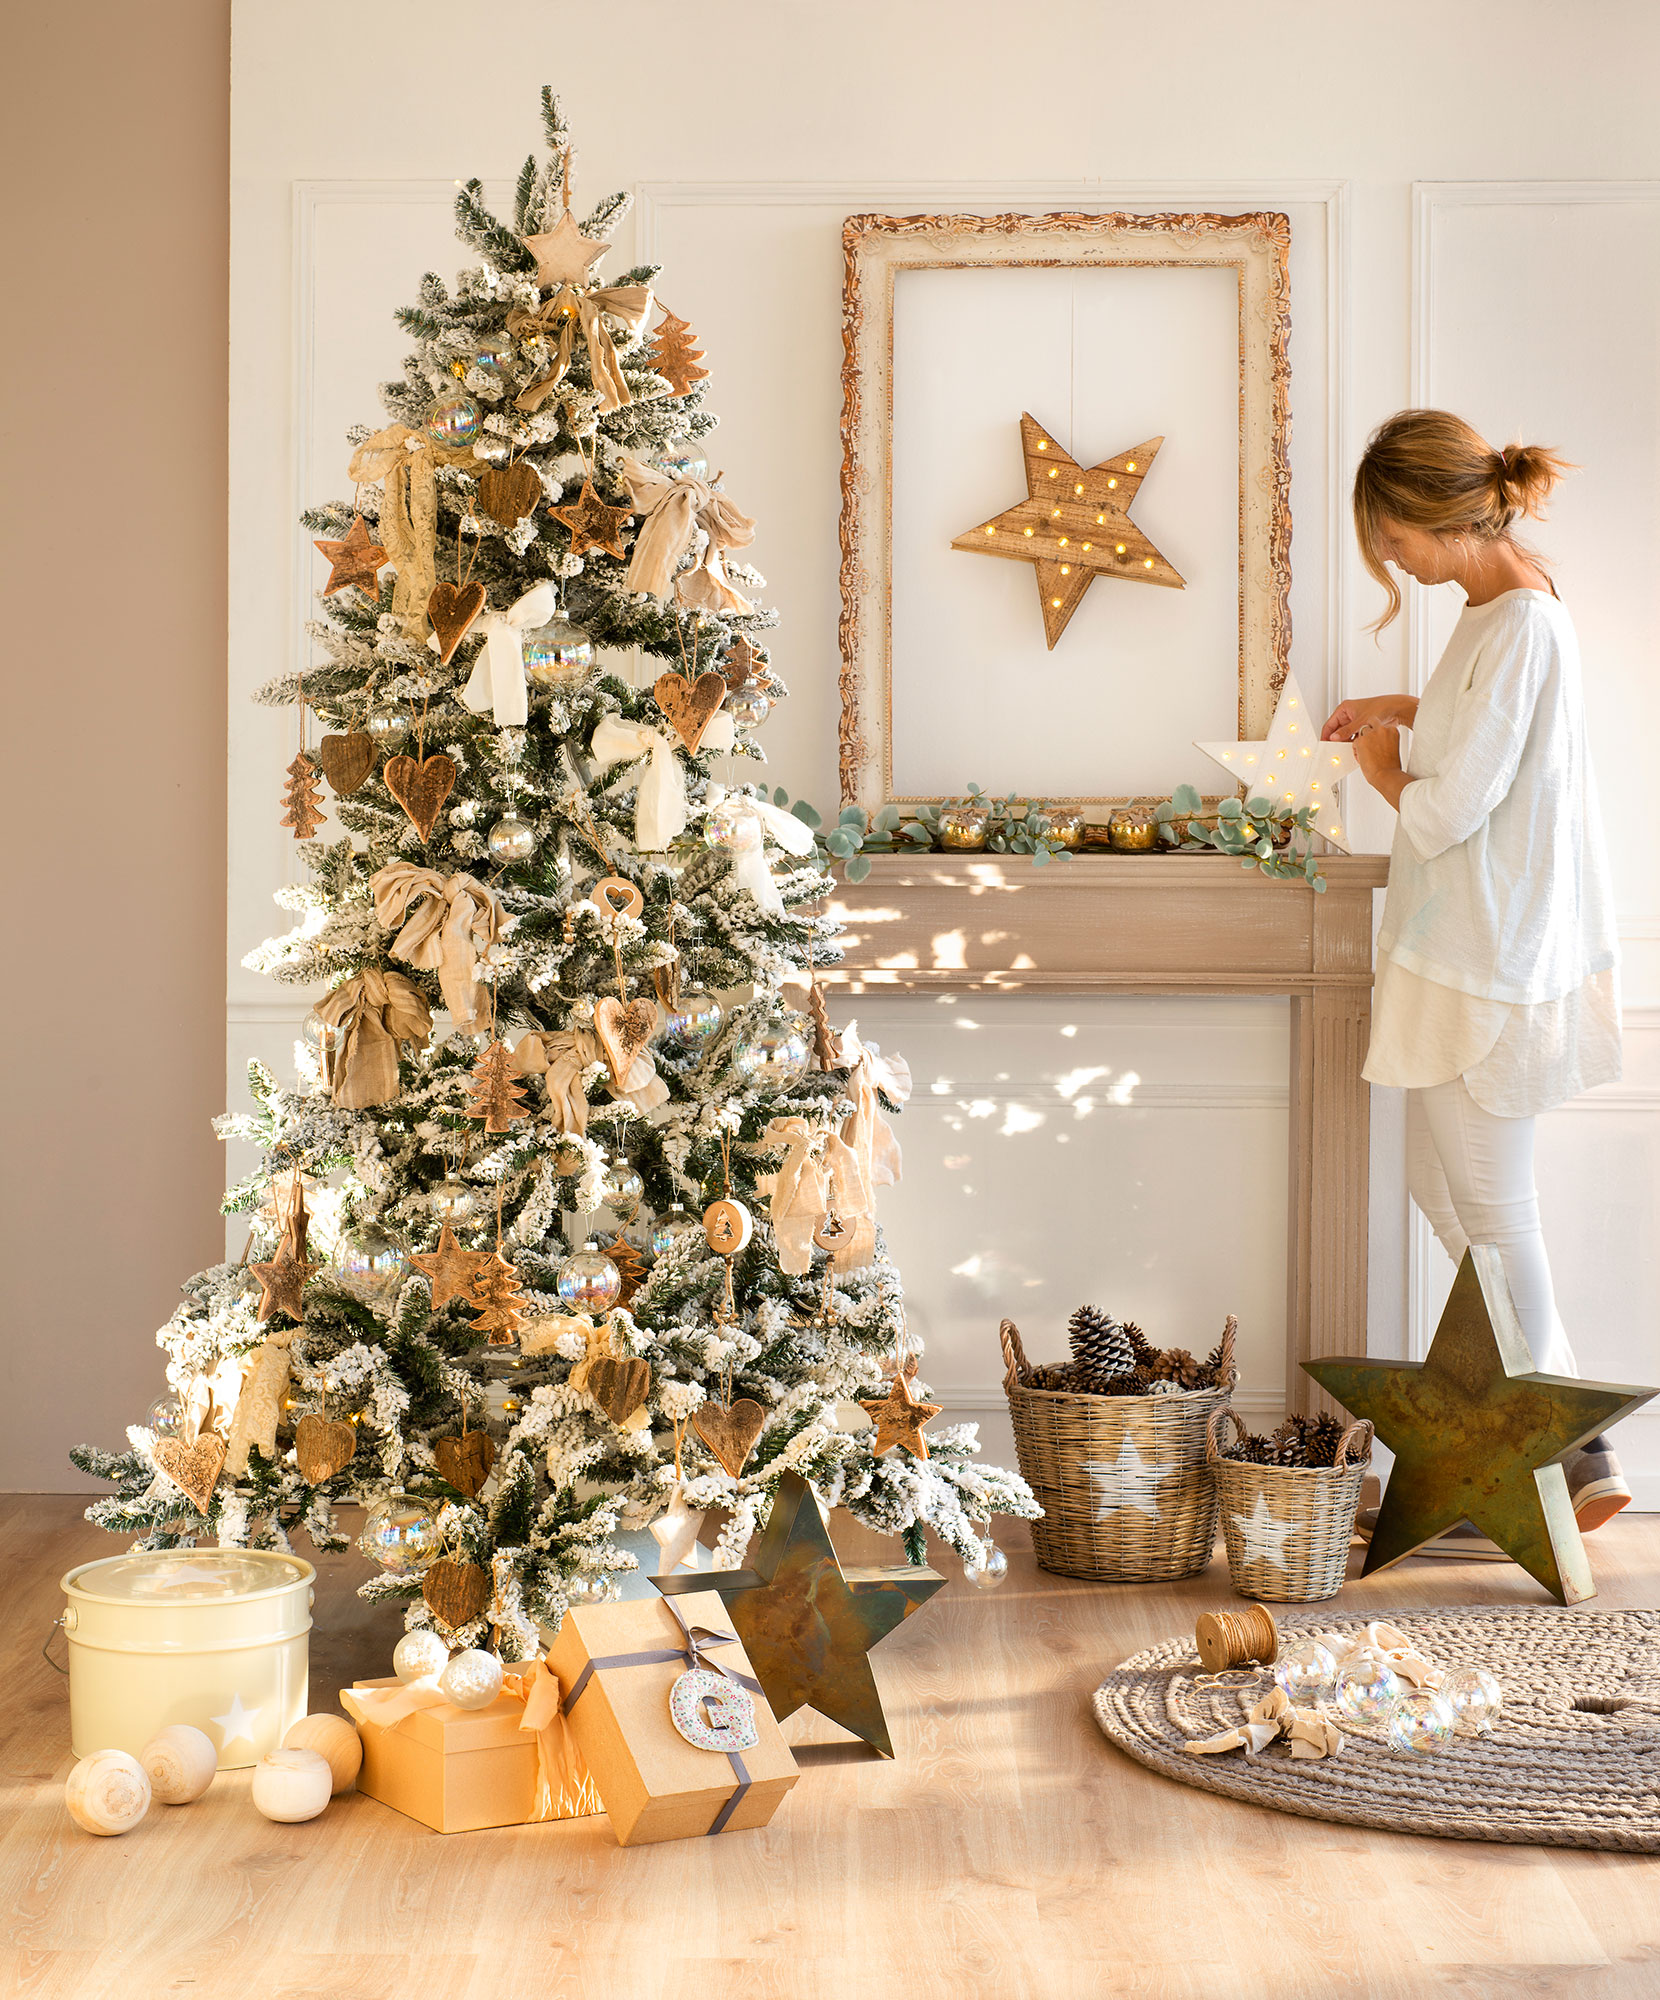 Ideas para decorar el rbol de navidad 3 rboles 3 estilos - Como adornar un arbol de navidad blanco ...